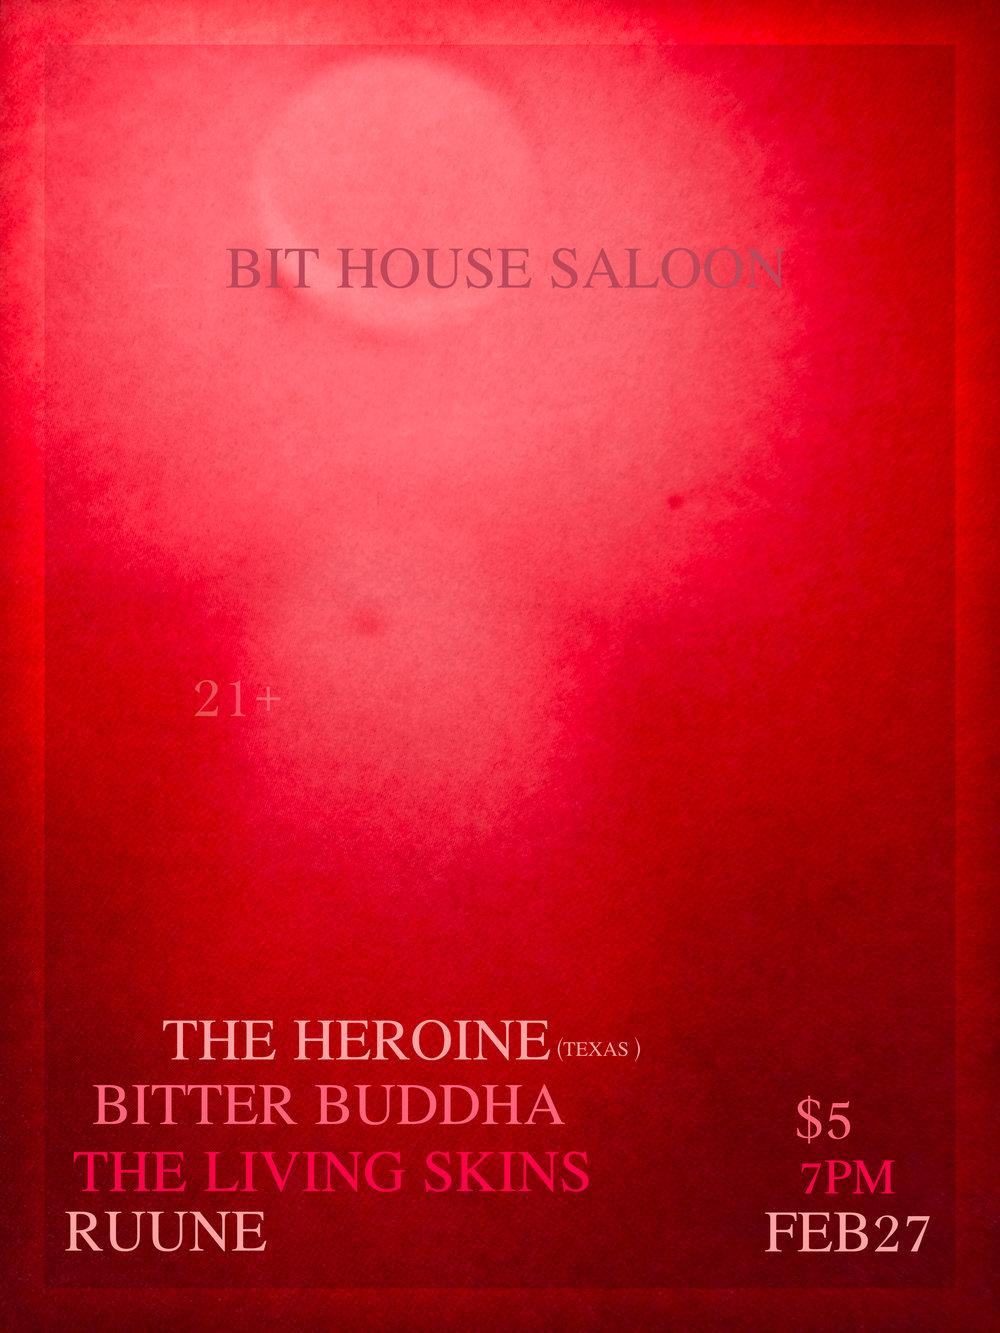 Bitter Buddha heroine add.jpg